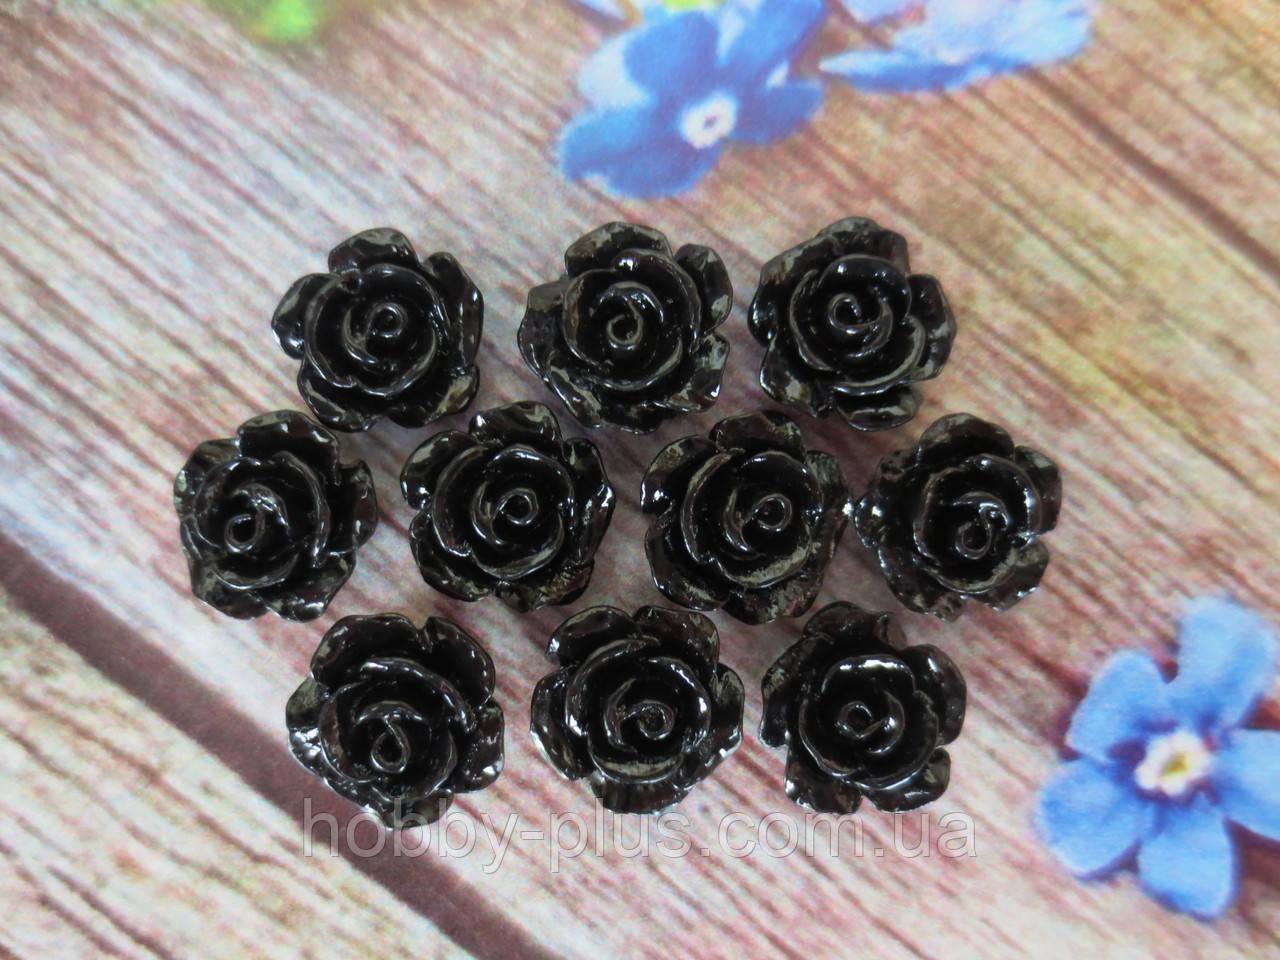 """Серединка акриловая """"Роза лаковая мини"""", 9 мм, цвет черный, 10 шт."""